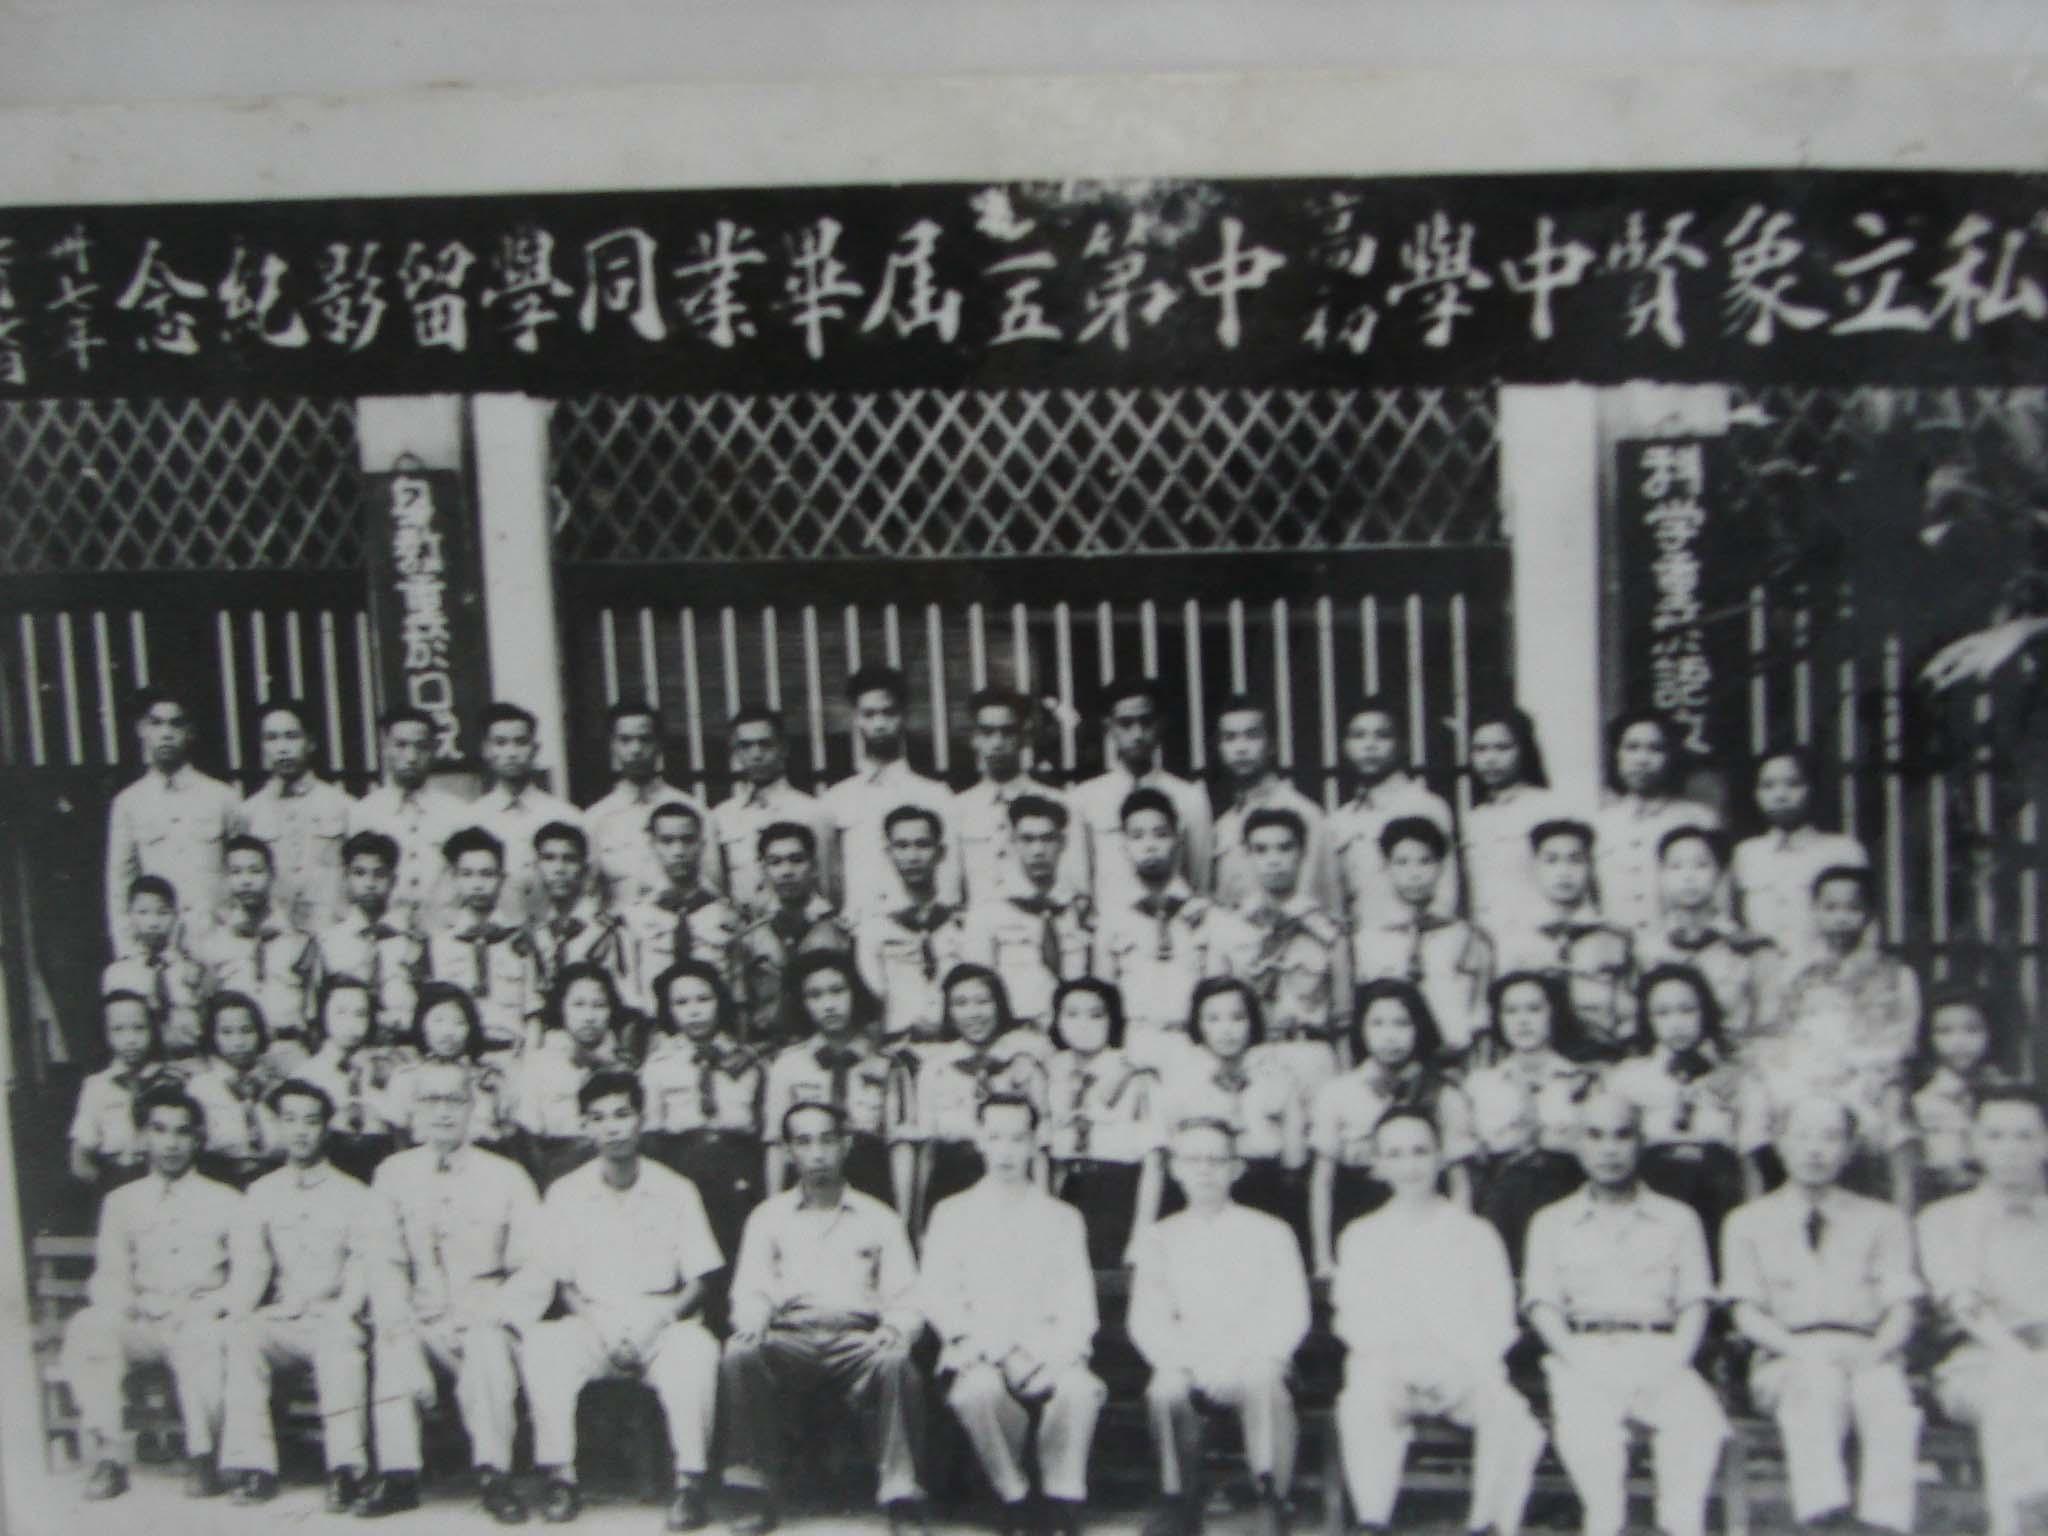 校庆一周后,广州台报道:180年风雨 老校新时代再绽新花 - 阿当 - don.com